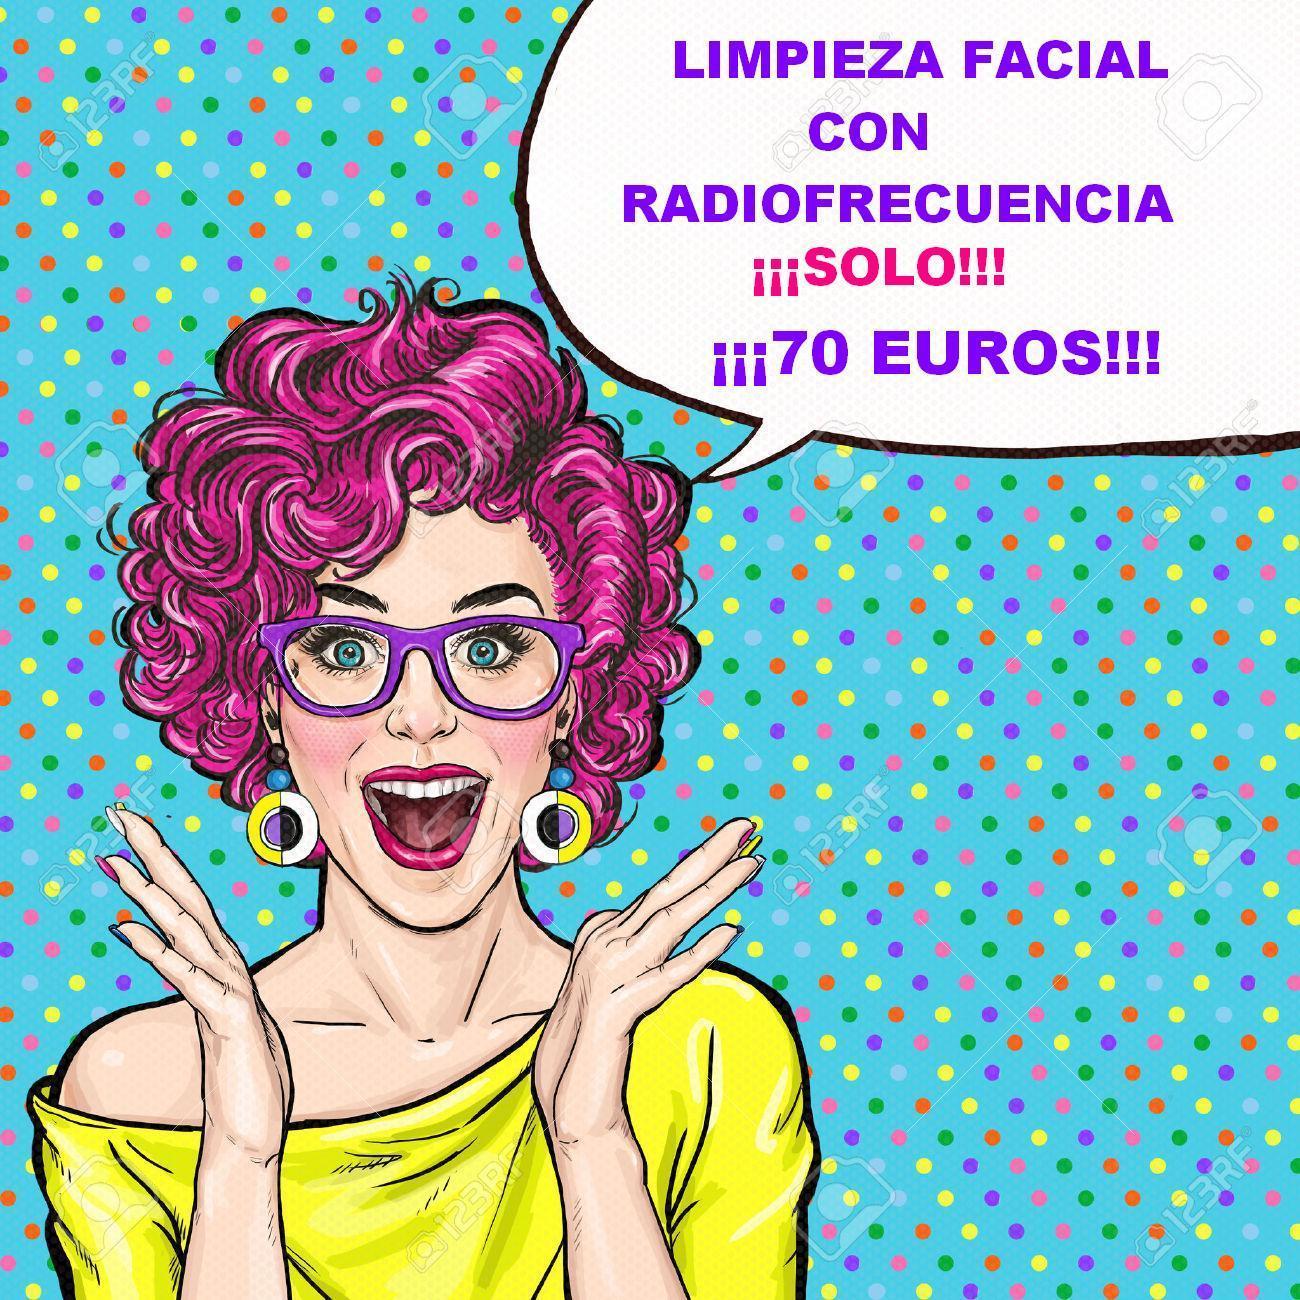 Luce tu mejor cara con nuestra tratamiento facial por solo 70 euros